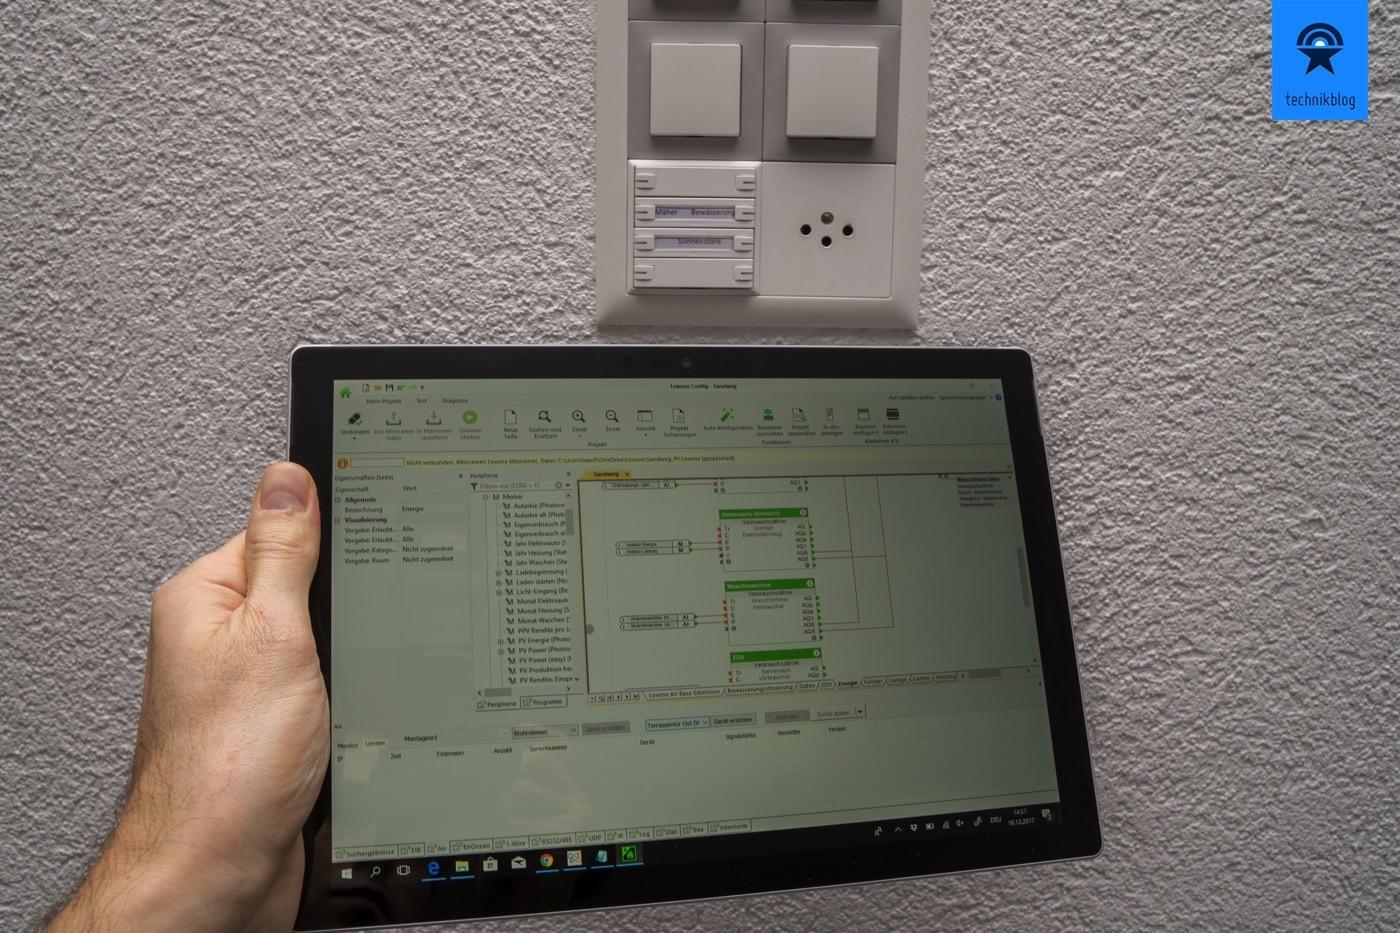 Das Surface Pro ist ideal für Smart Home Programmierung mit Loxone